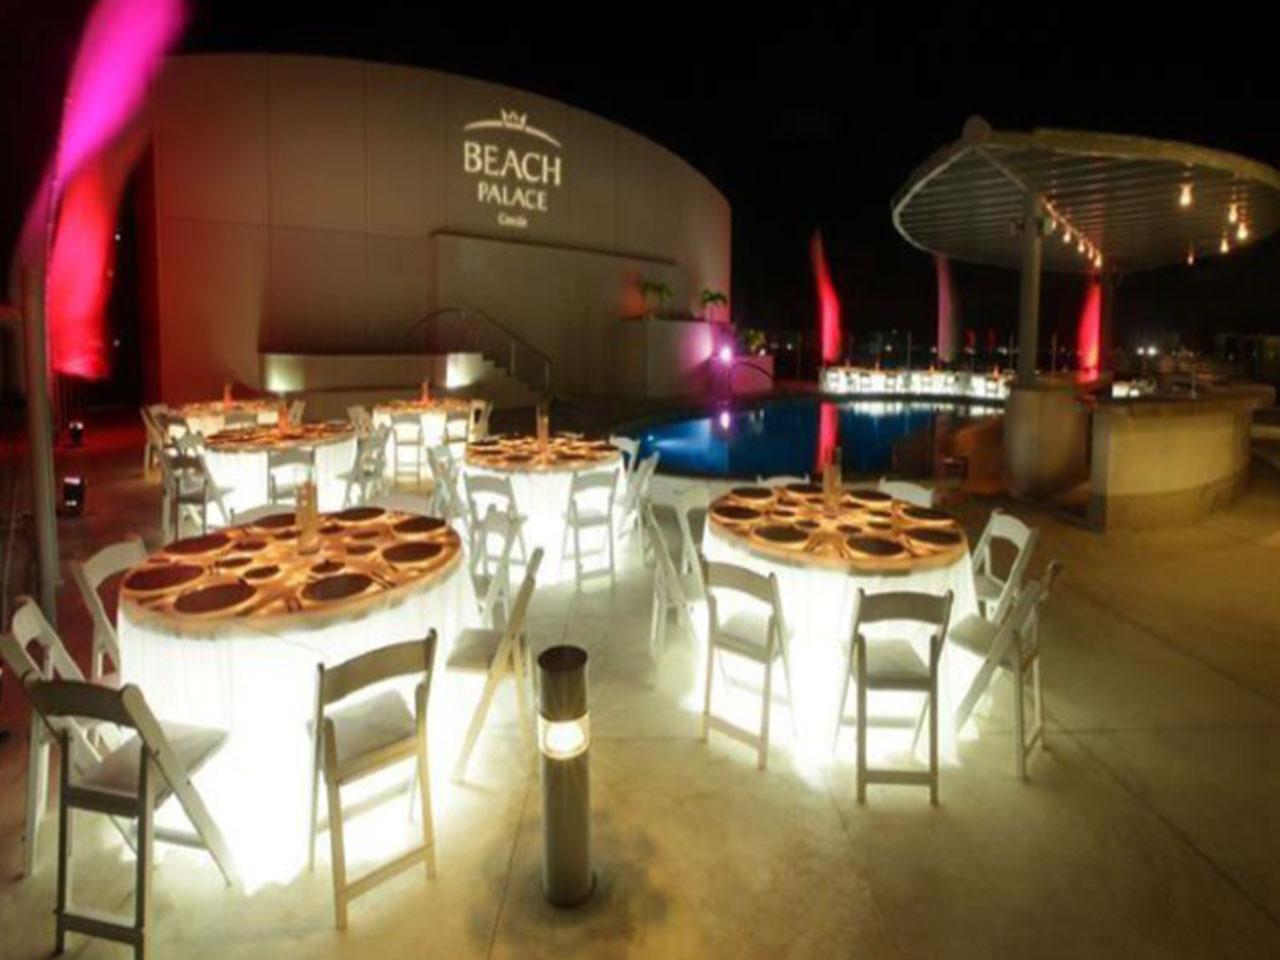 wedding Planner en Monterrey, Boda en la playa, Las mejores bodas en la playa en México -wedding Planner en Monterrey, Boda en la playa, Las mejores bodas en la playa en México -Beach Resort (30 personas)